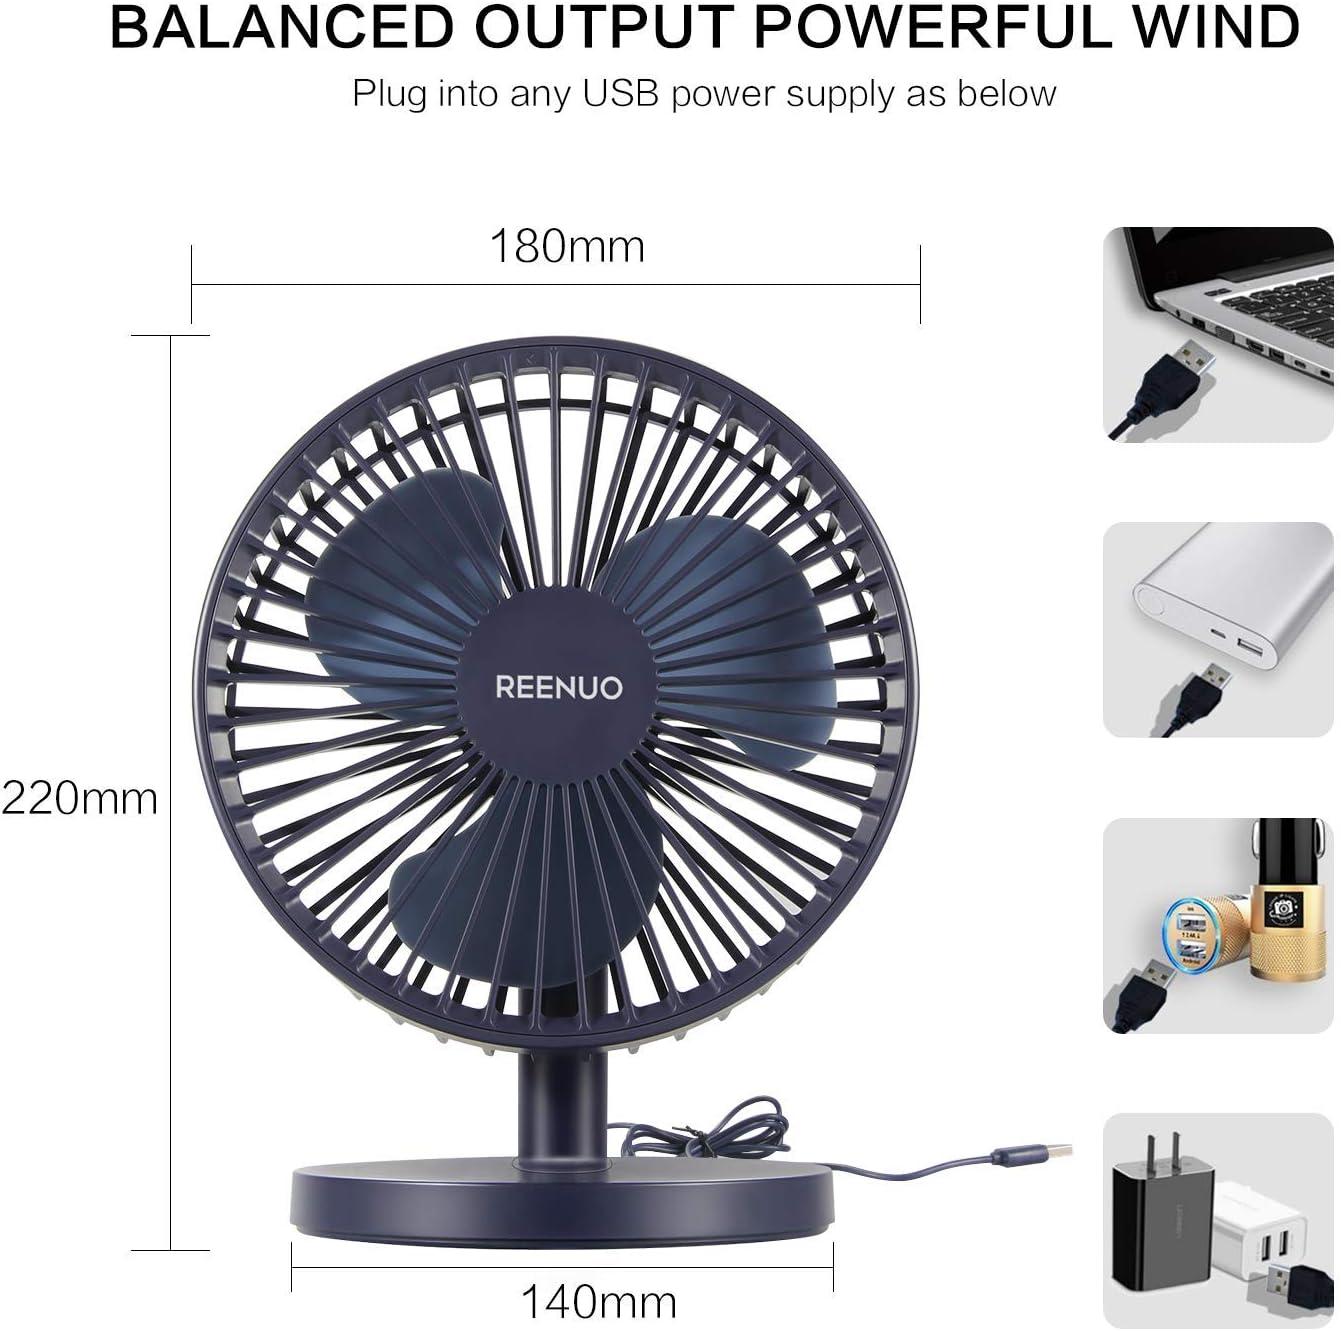 Reenuo Mini Ventilador de Escritorio con bater/ía USB Oficina Dormitorio Estudio Dormitorio peque/ño Ventilador de Escritorio silencioso port/átil para el hogar